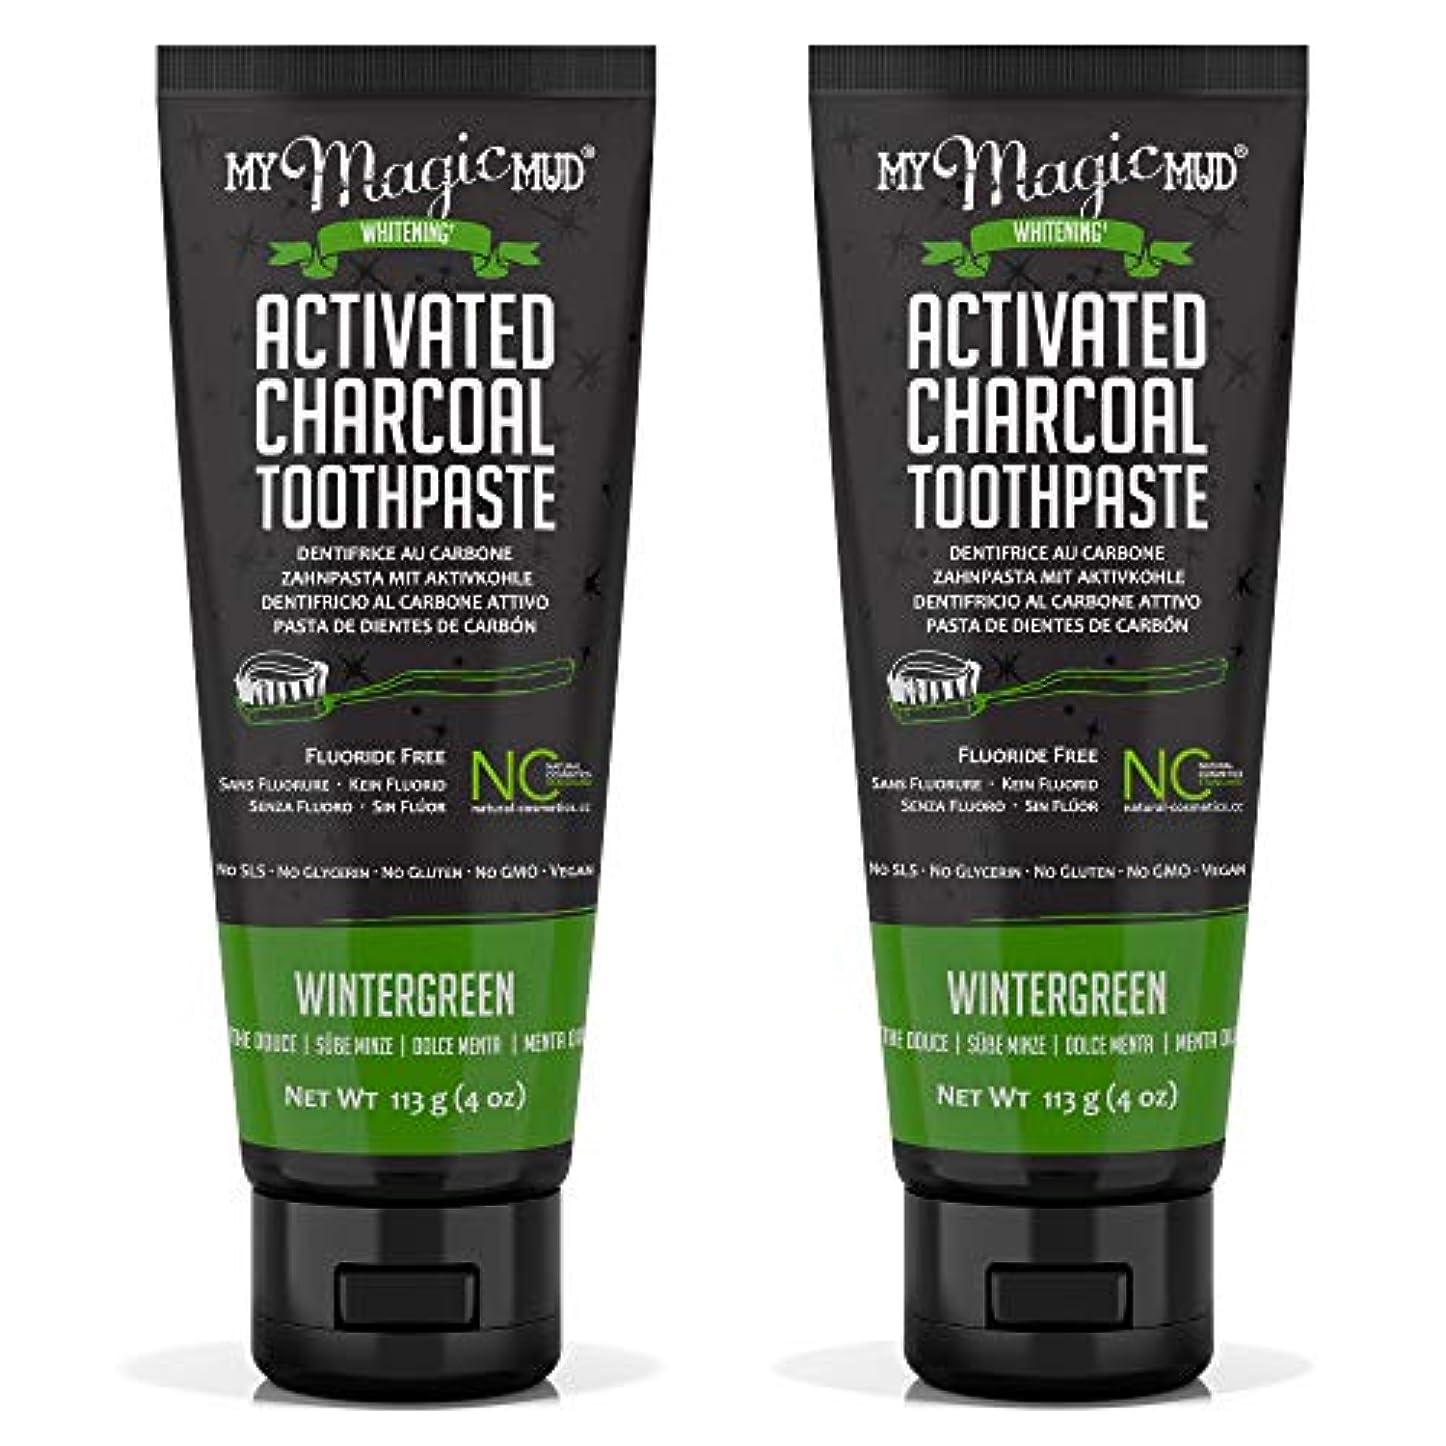 エキゾチック是正する多くの危険がある状況My Magic Mud Activated Charcoal Toothpaste (Fluoride-Free) - Wintergreen 113g/4oz並行輸入品